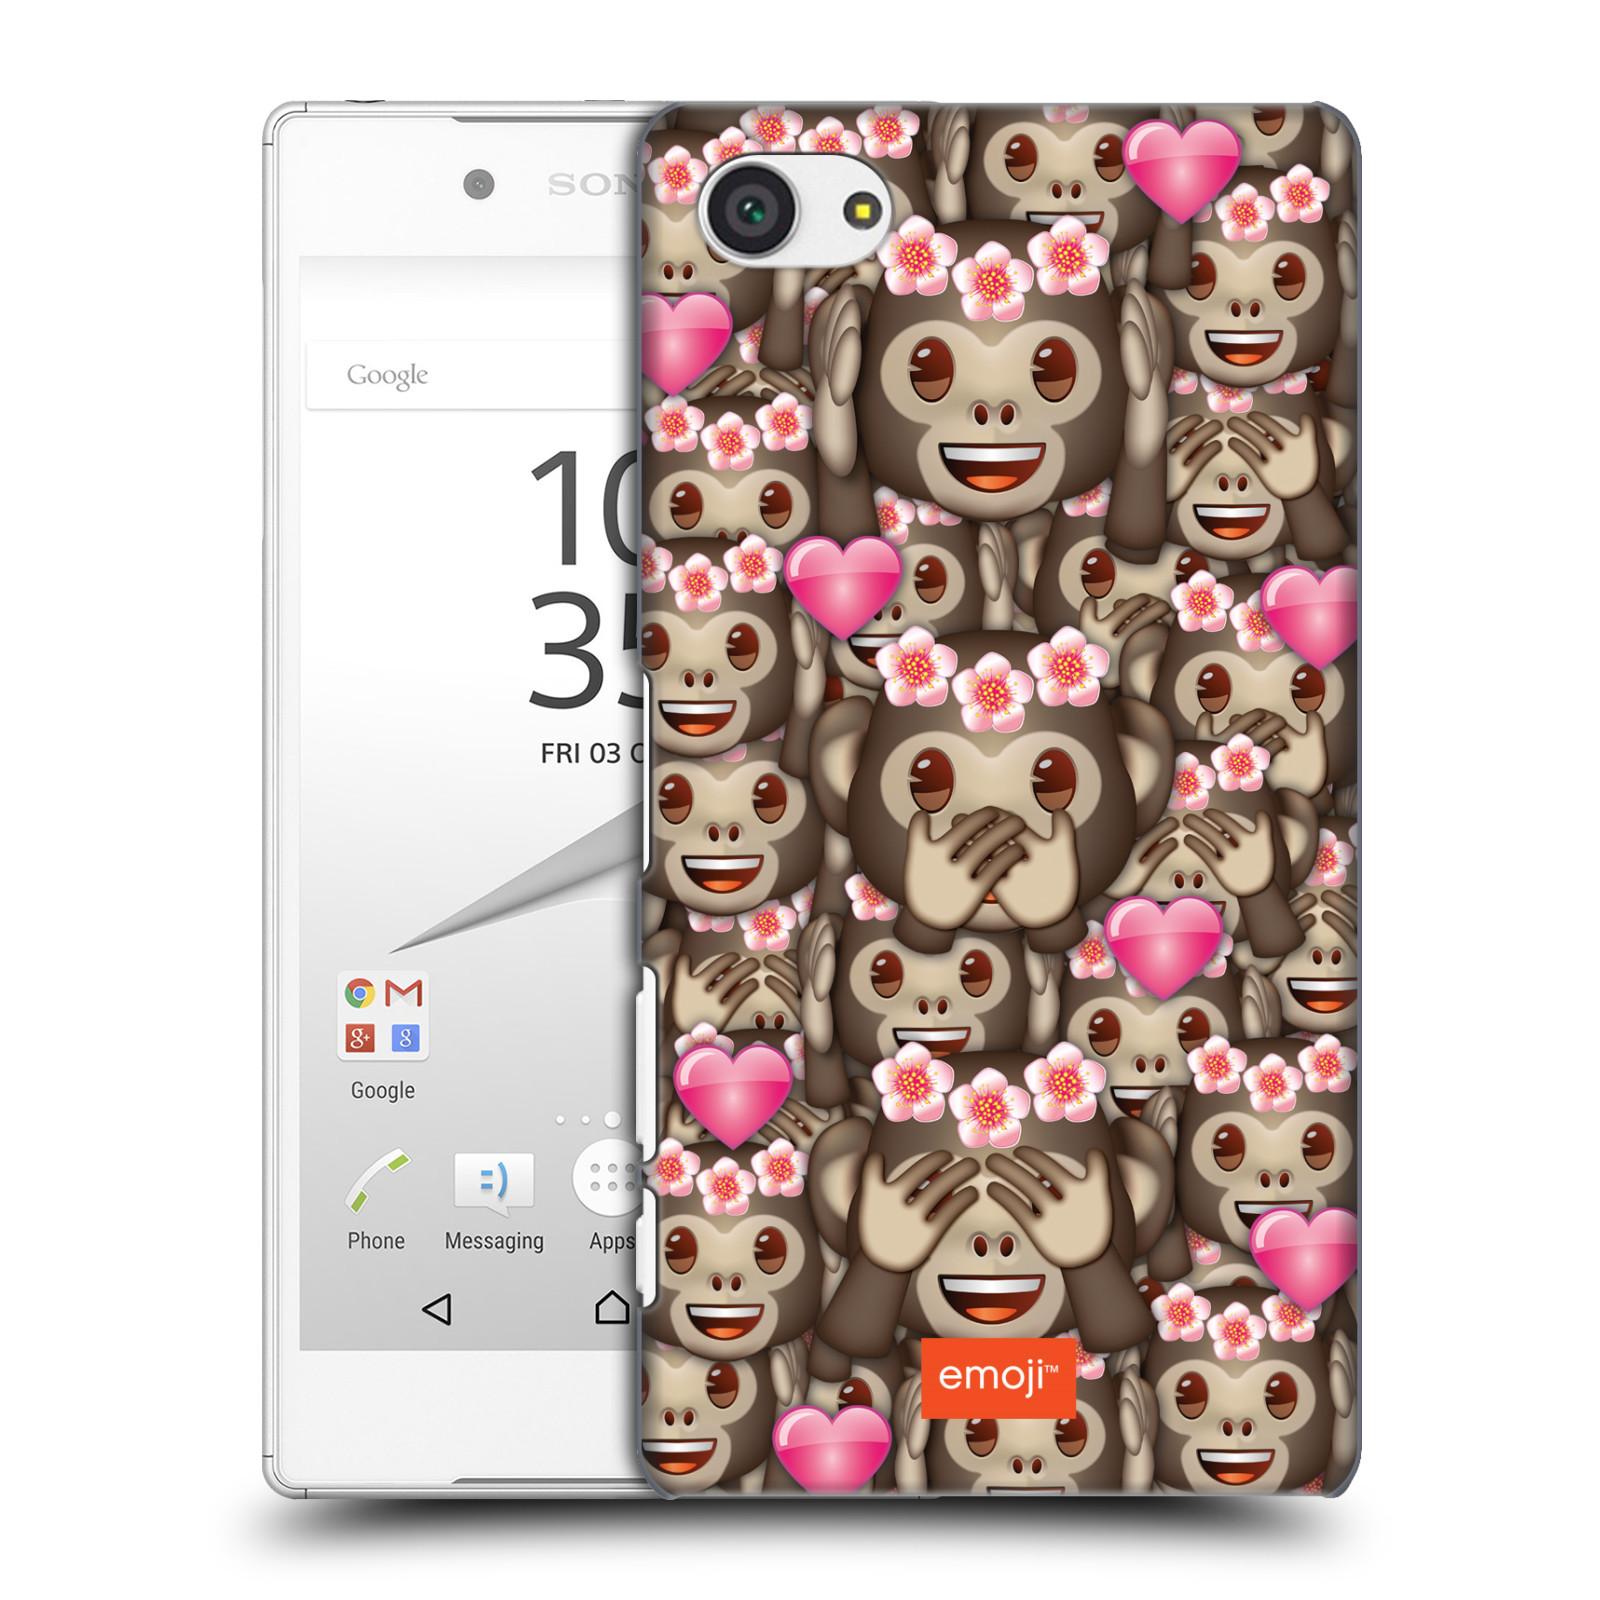 Plastové pouzdro na mobil Sony Xperia Z5 Compact HEAD CASE EMOJI - Opičky, srdíčka a kytičky